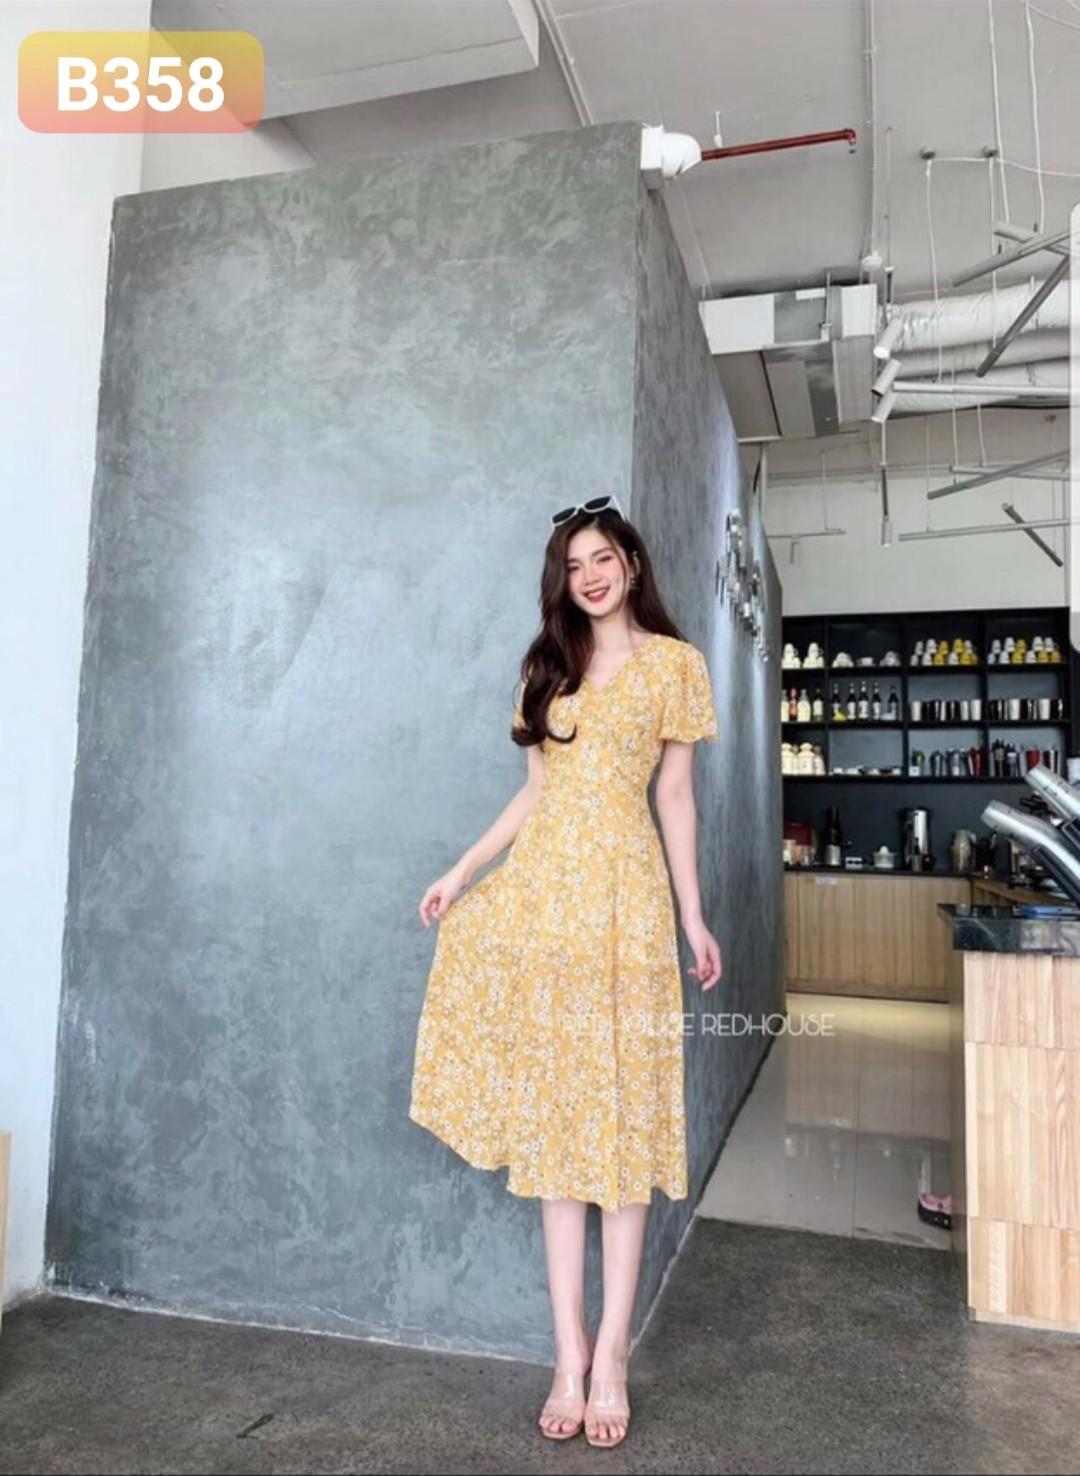 Order Váy Đầm B358 - Freesize 55kg